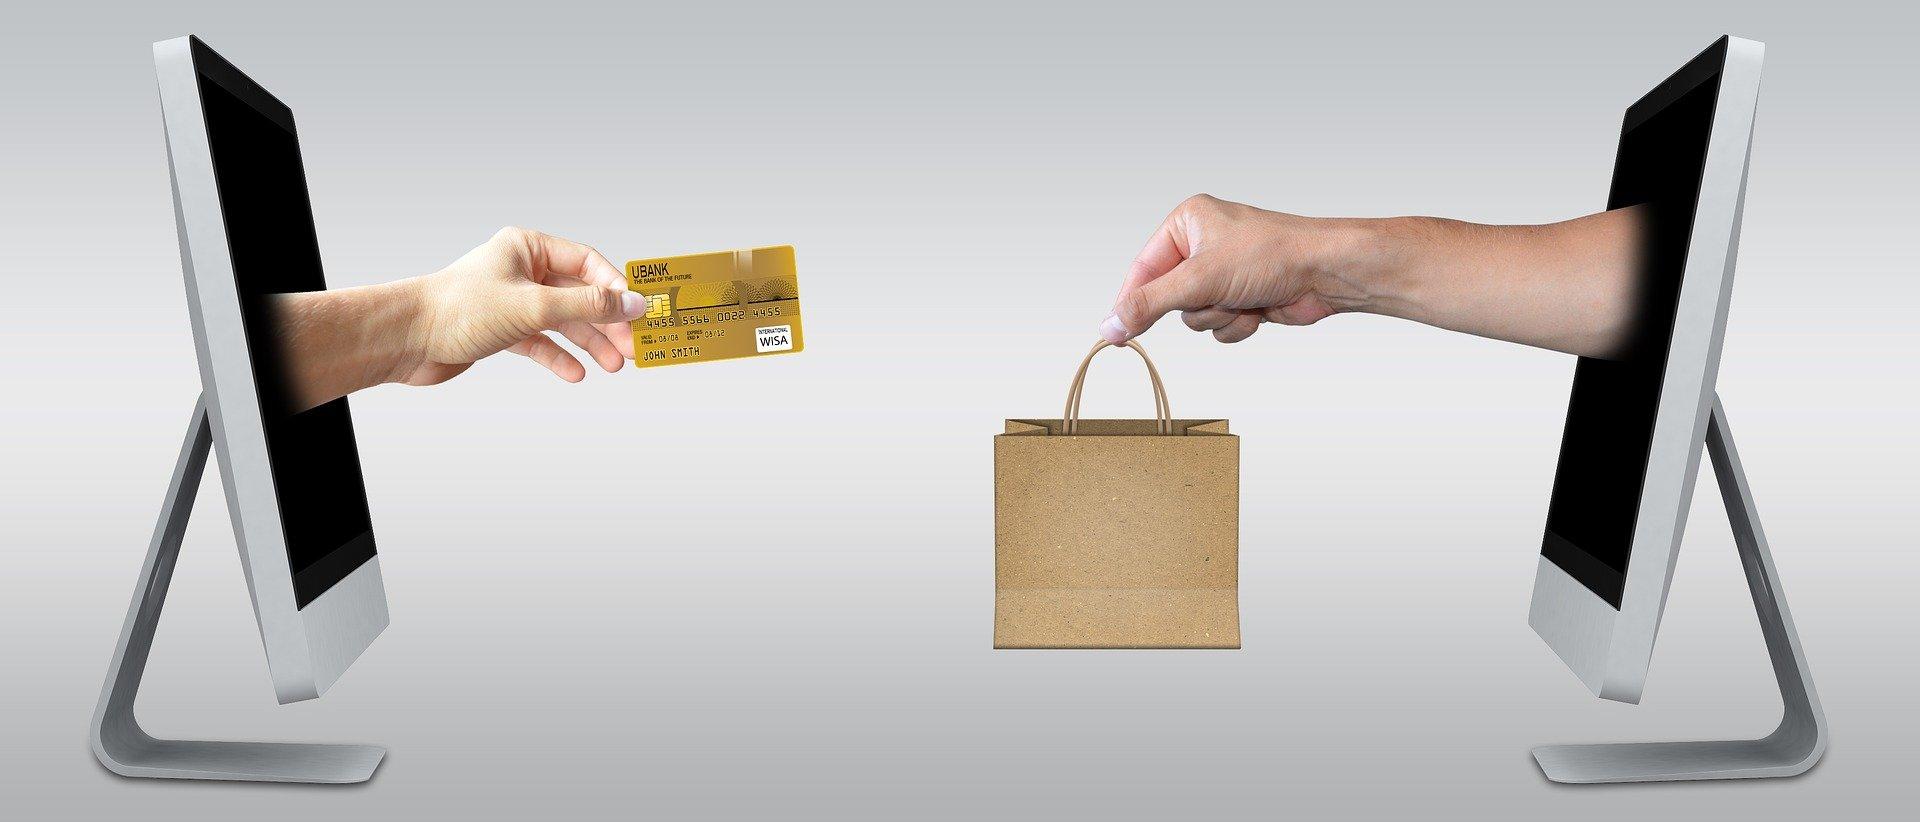 ¿Es lo mismo pasarela de pago que plataforma de pago?